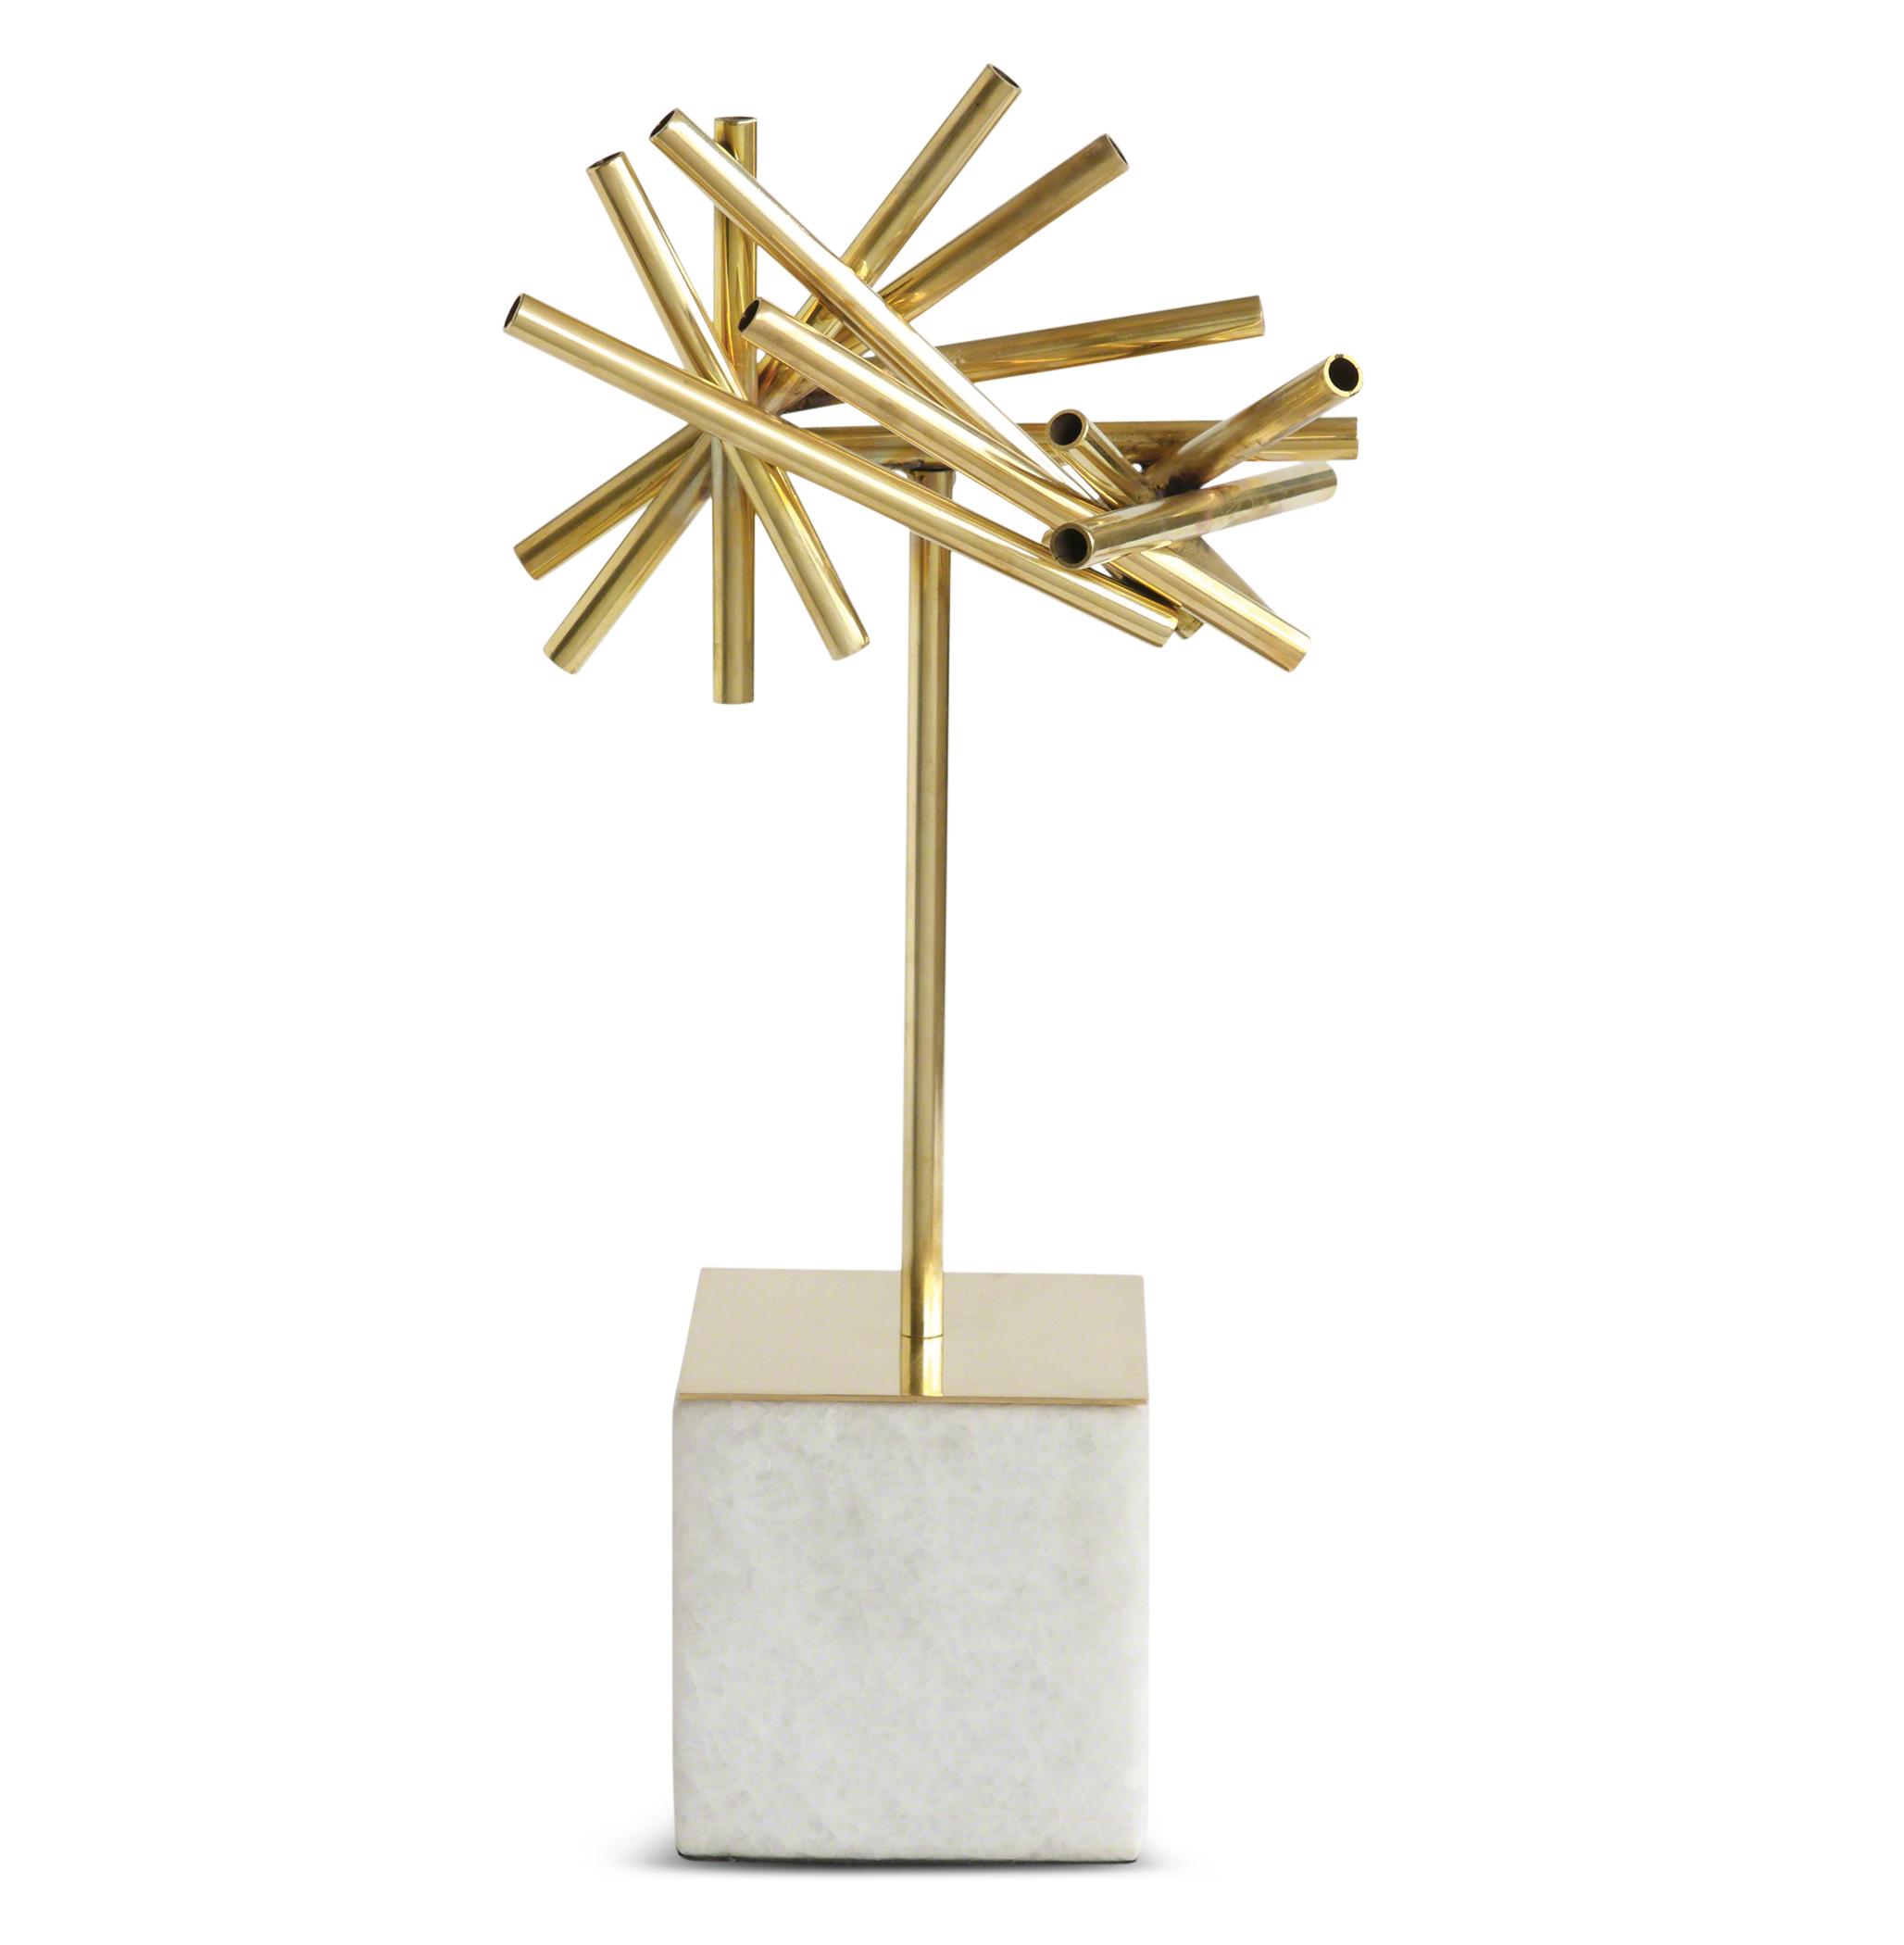 Randi Golden Rod Modern Burst Sculpture on Stone Base